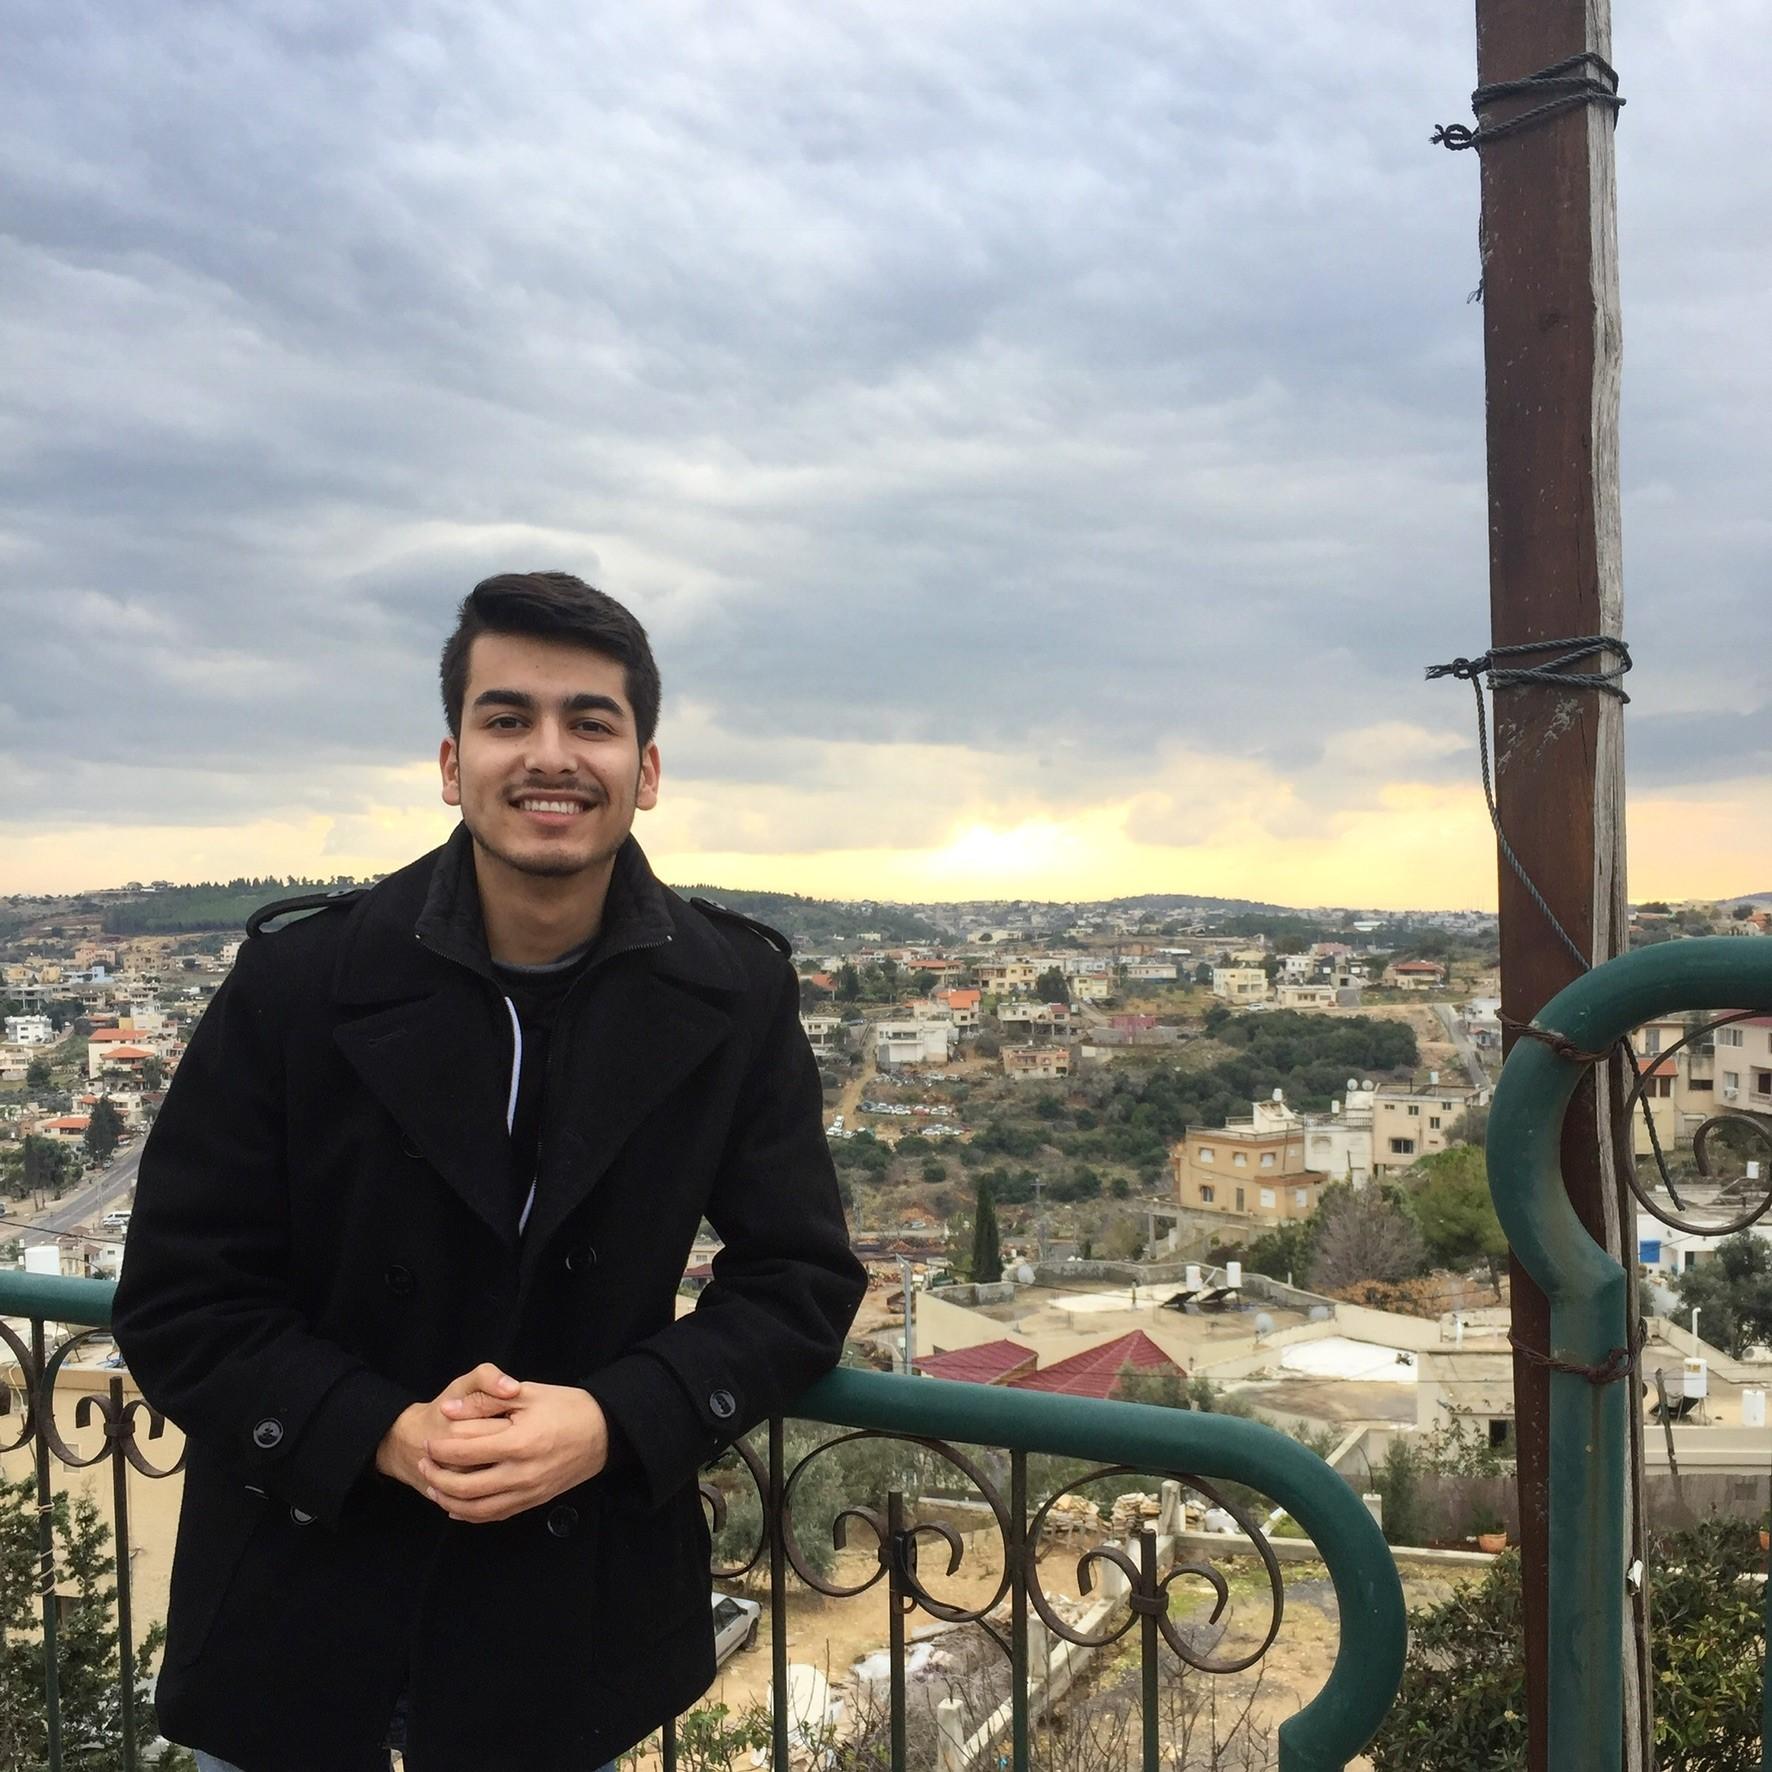 Fabian in Israel